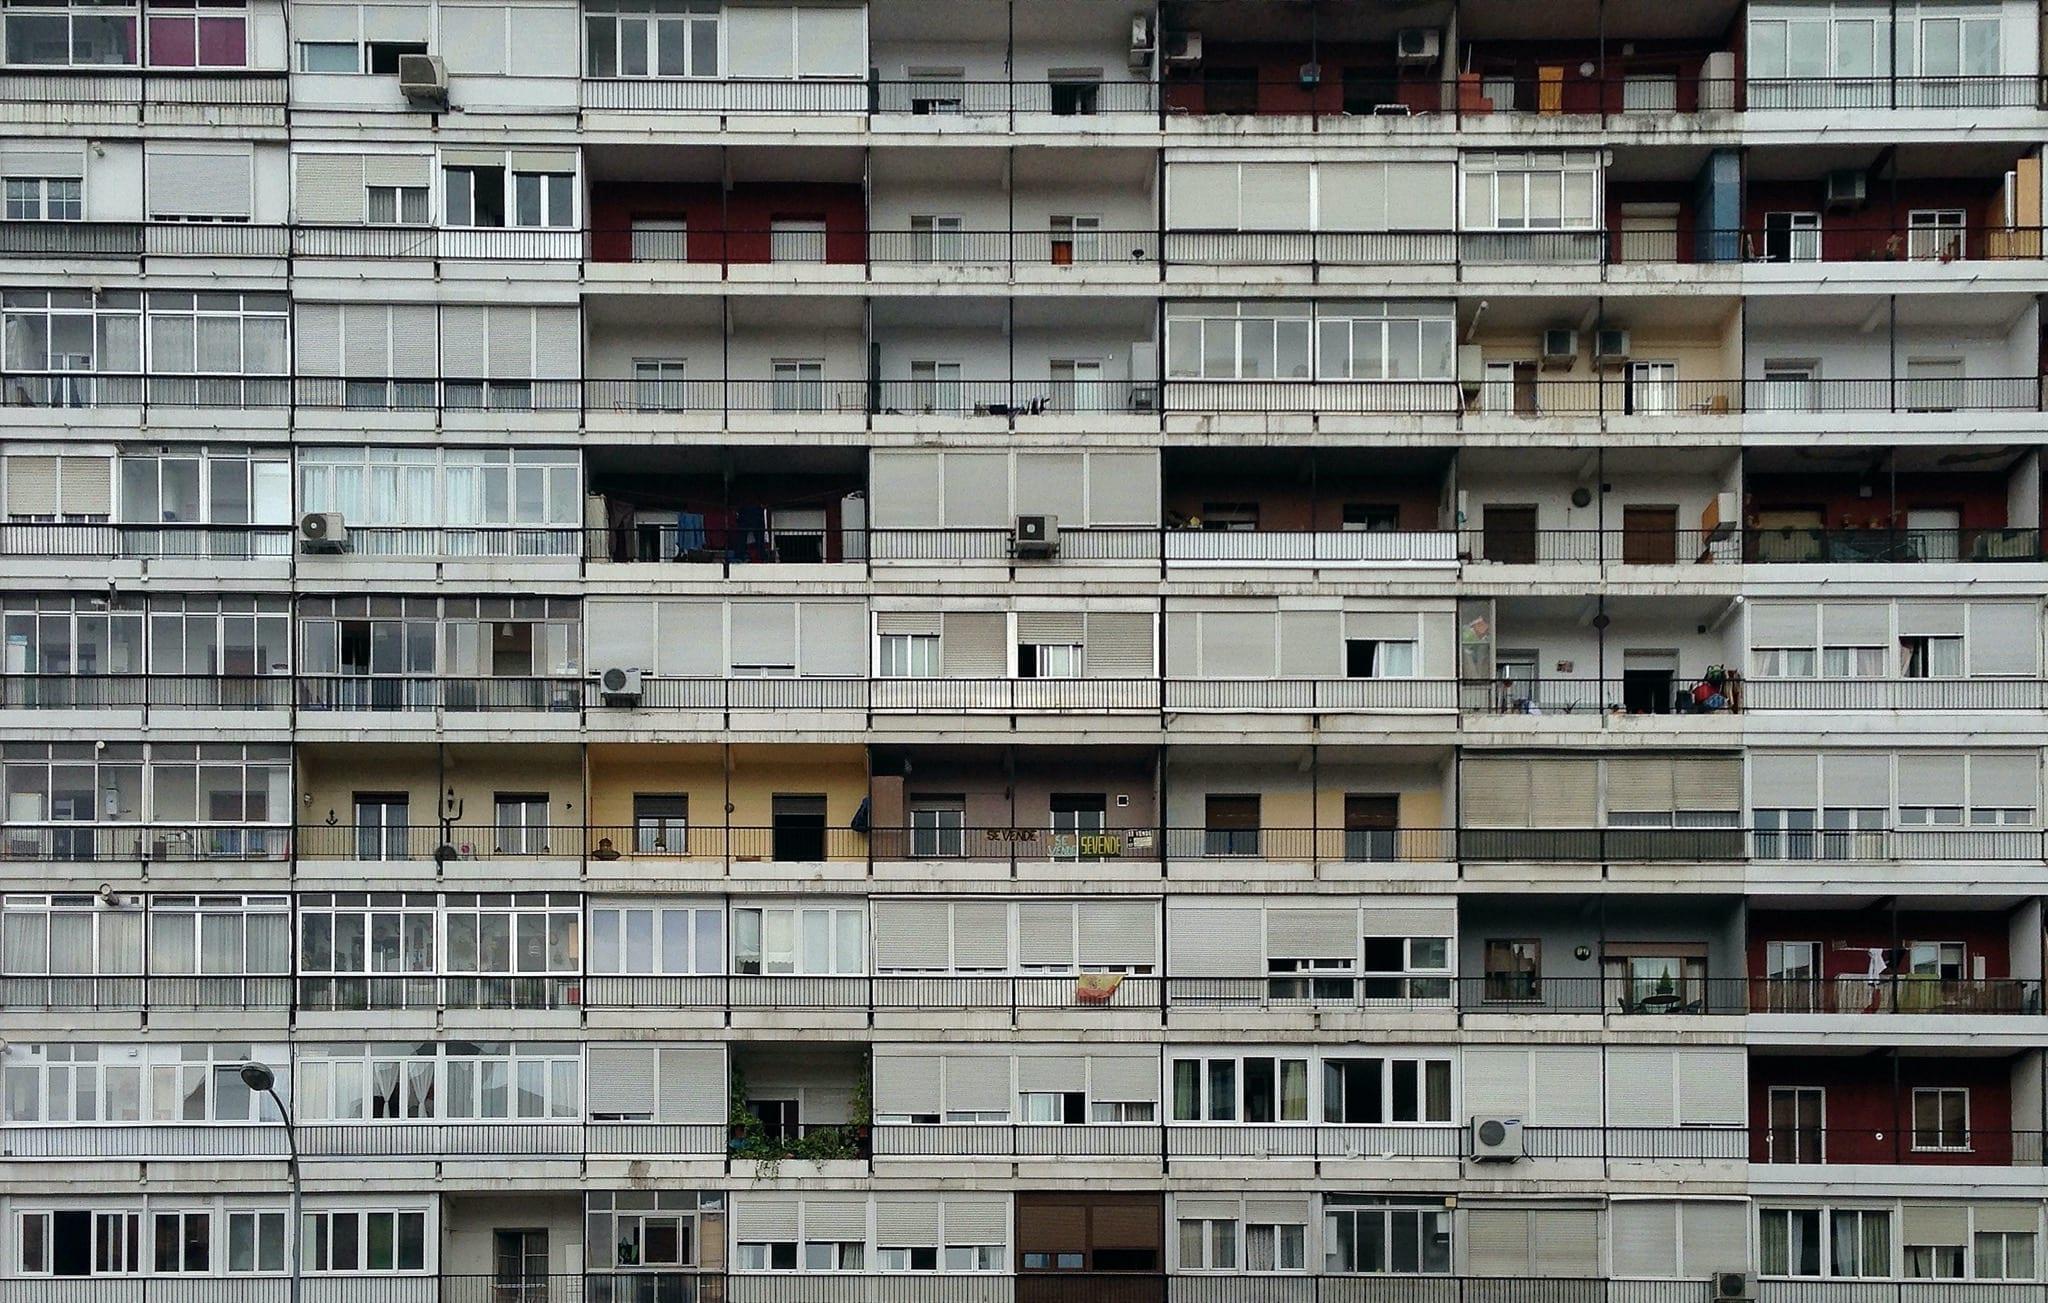 Piata europeana 3 copy - Evoluția pieței imobiliare europene – Piața rezidențială, cea mai puțin afectată